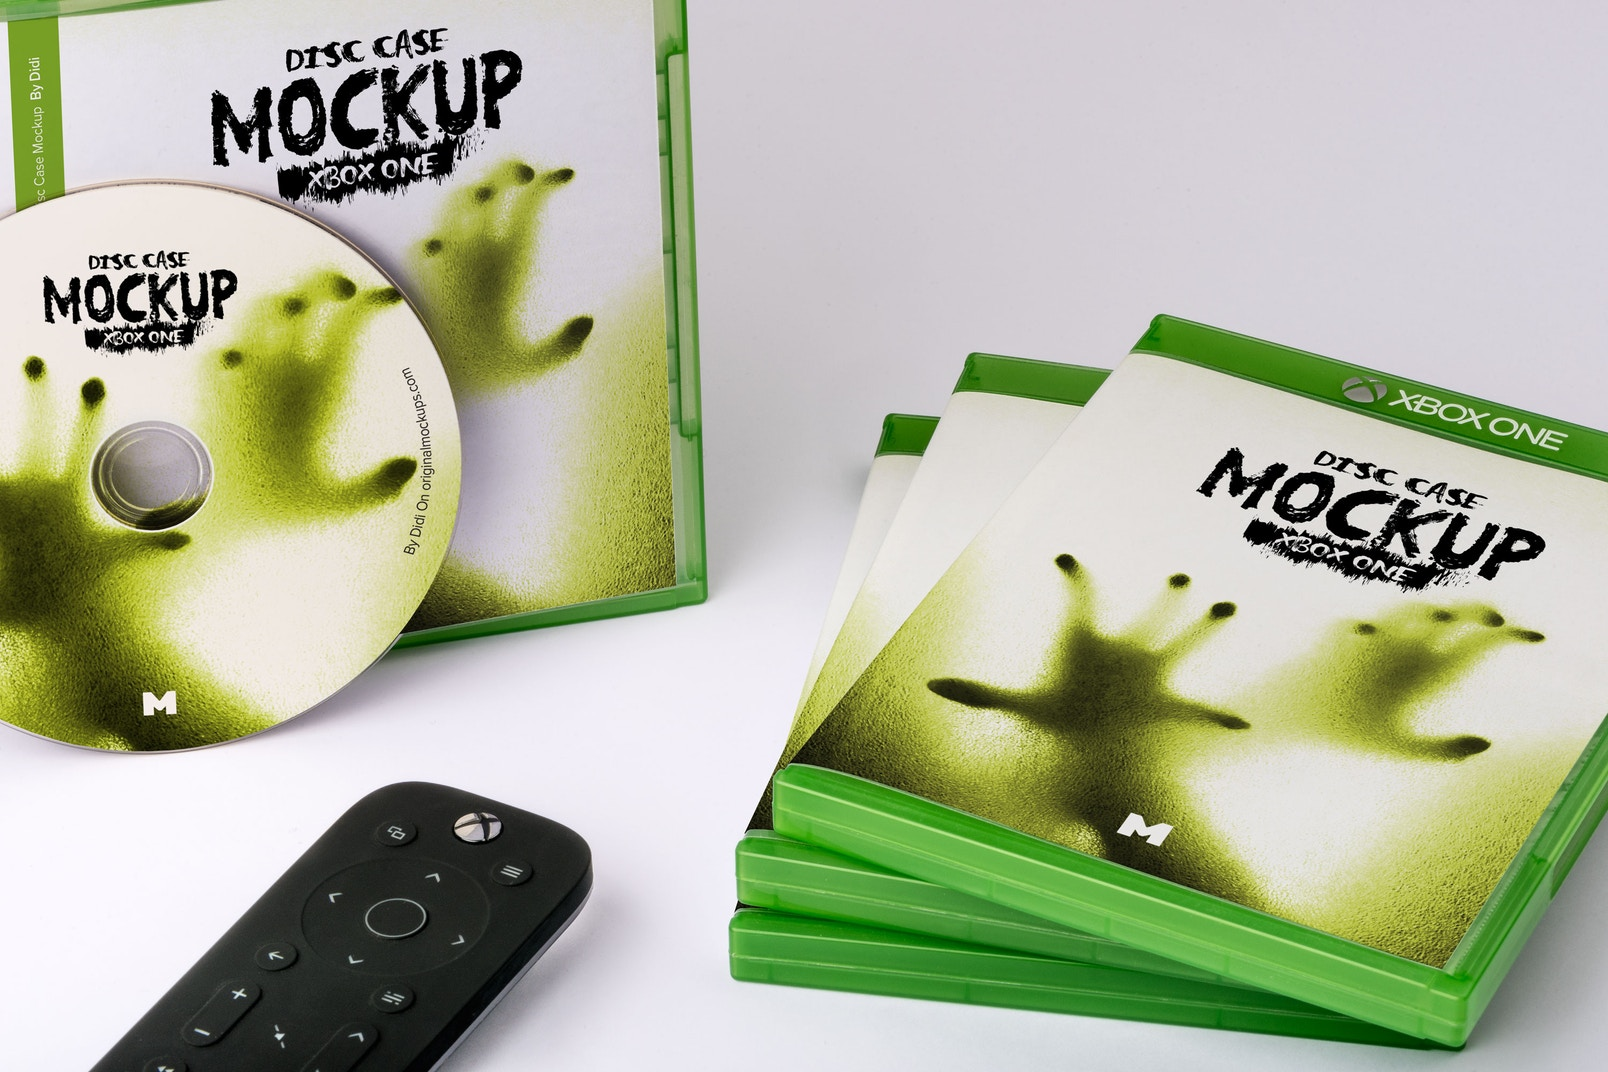 Xbox One Disc Cases mockup full scene